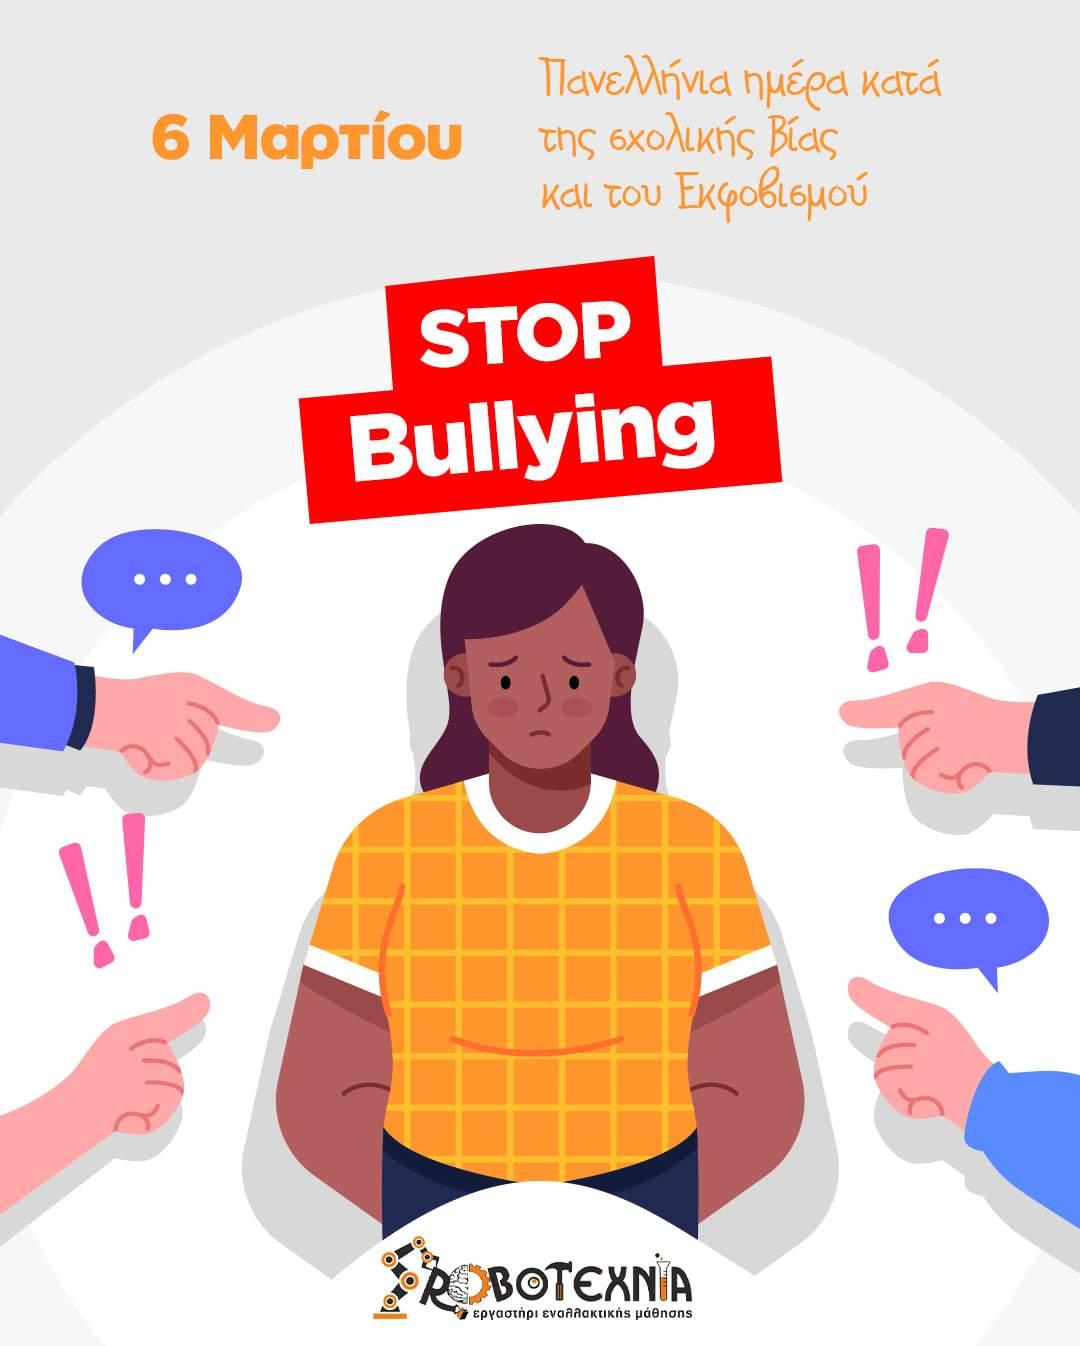 ΡΟΜΠΟΤΕΧΝΙΑ: Λέμε ΟΧΙ στη σχολική βία και τον εκφοβισμό!